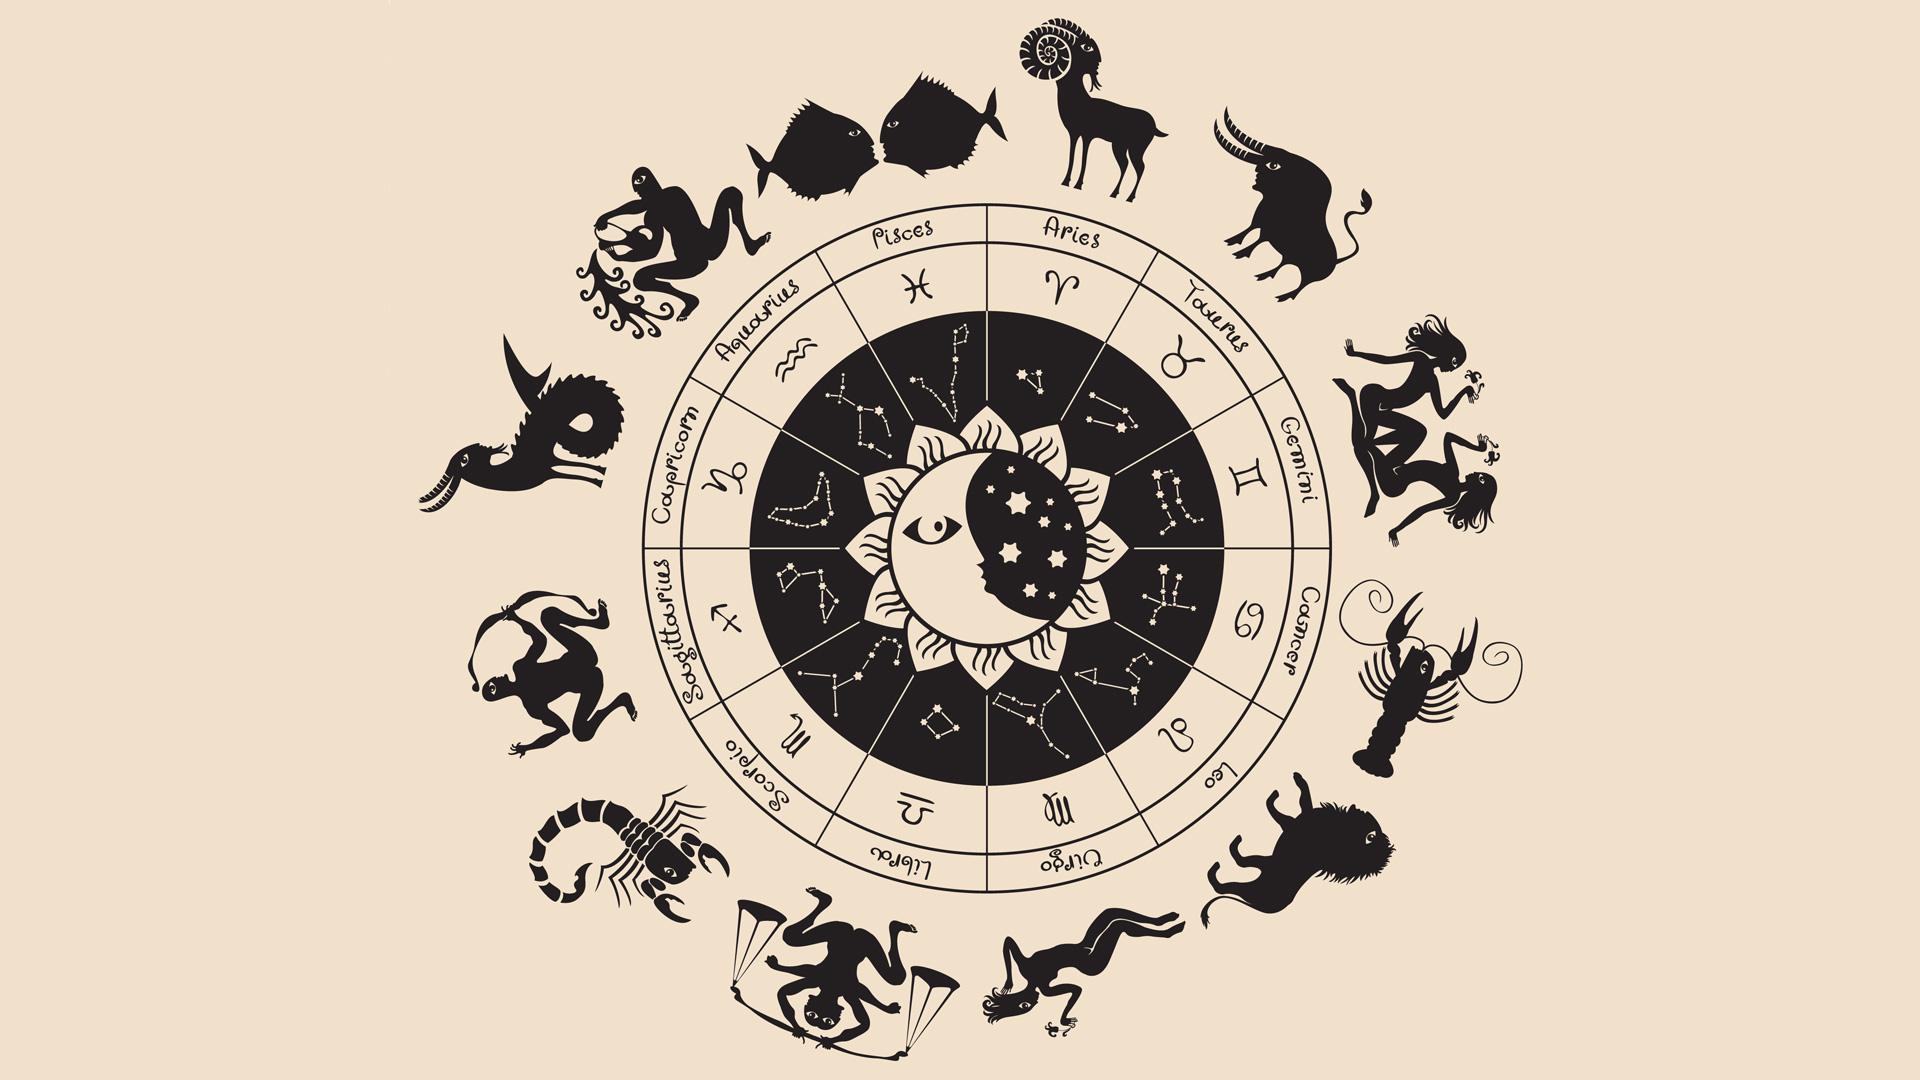 Signos zodiacales y sus fechas yahoo dating